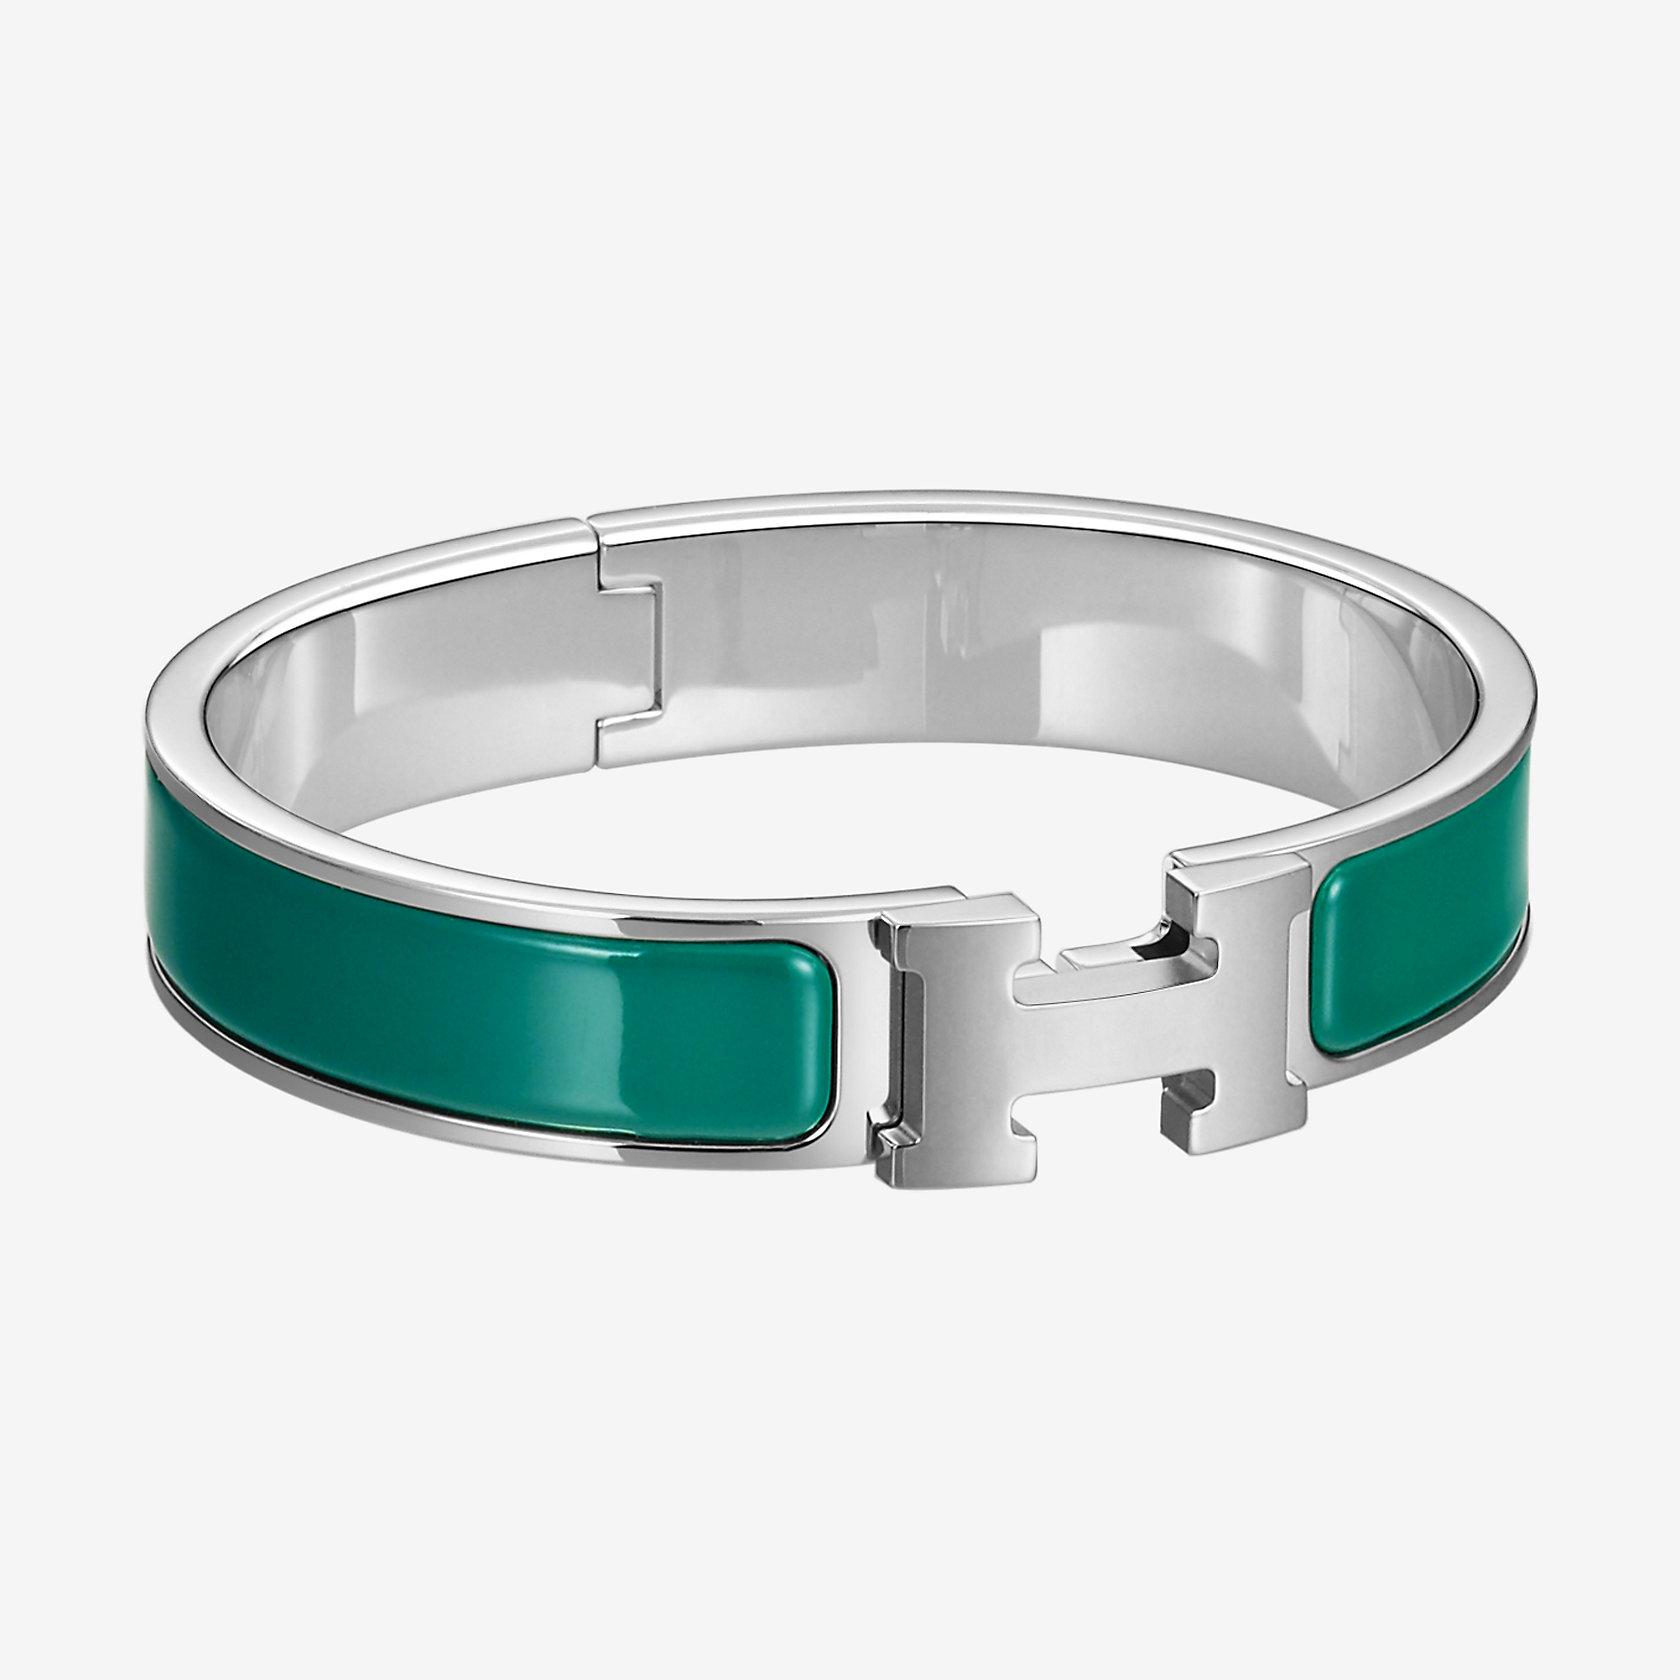 18c616d1d3d Clic H bracelet